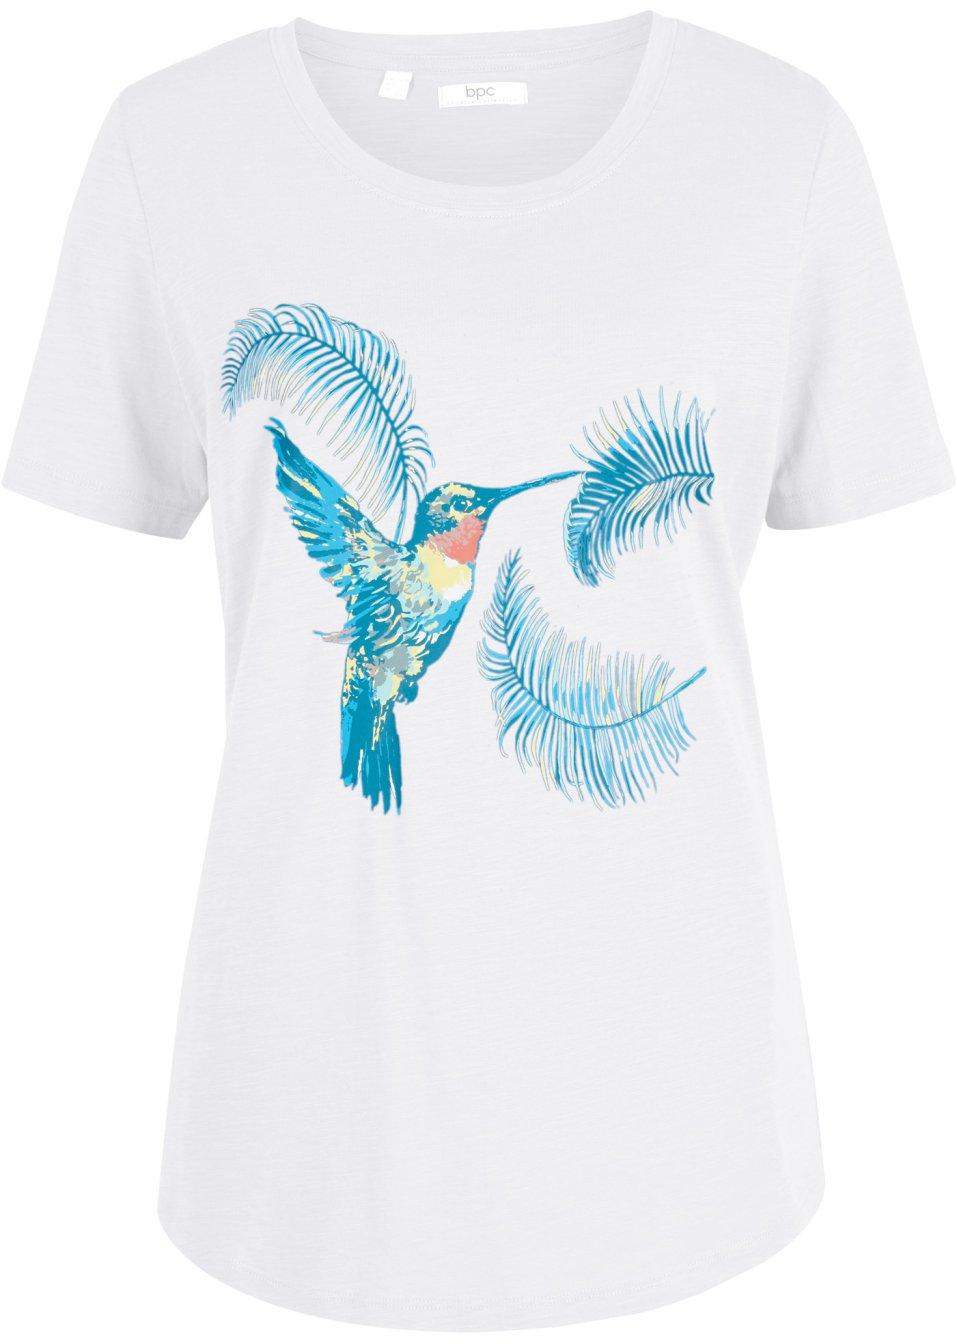 Gut kombinierbares Shirt mit tollem Druck aus 100% Baumwolle - weiß bedruckt mJnSn BQoz1